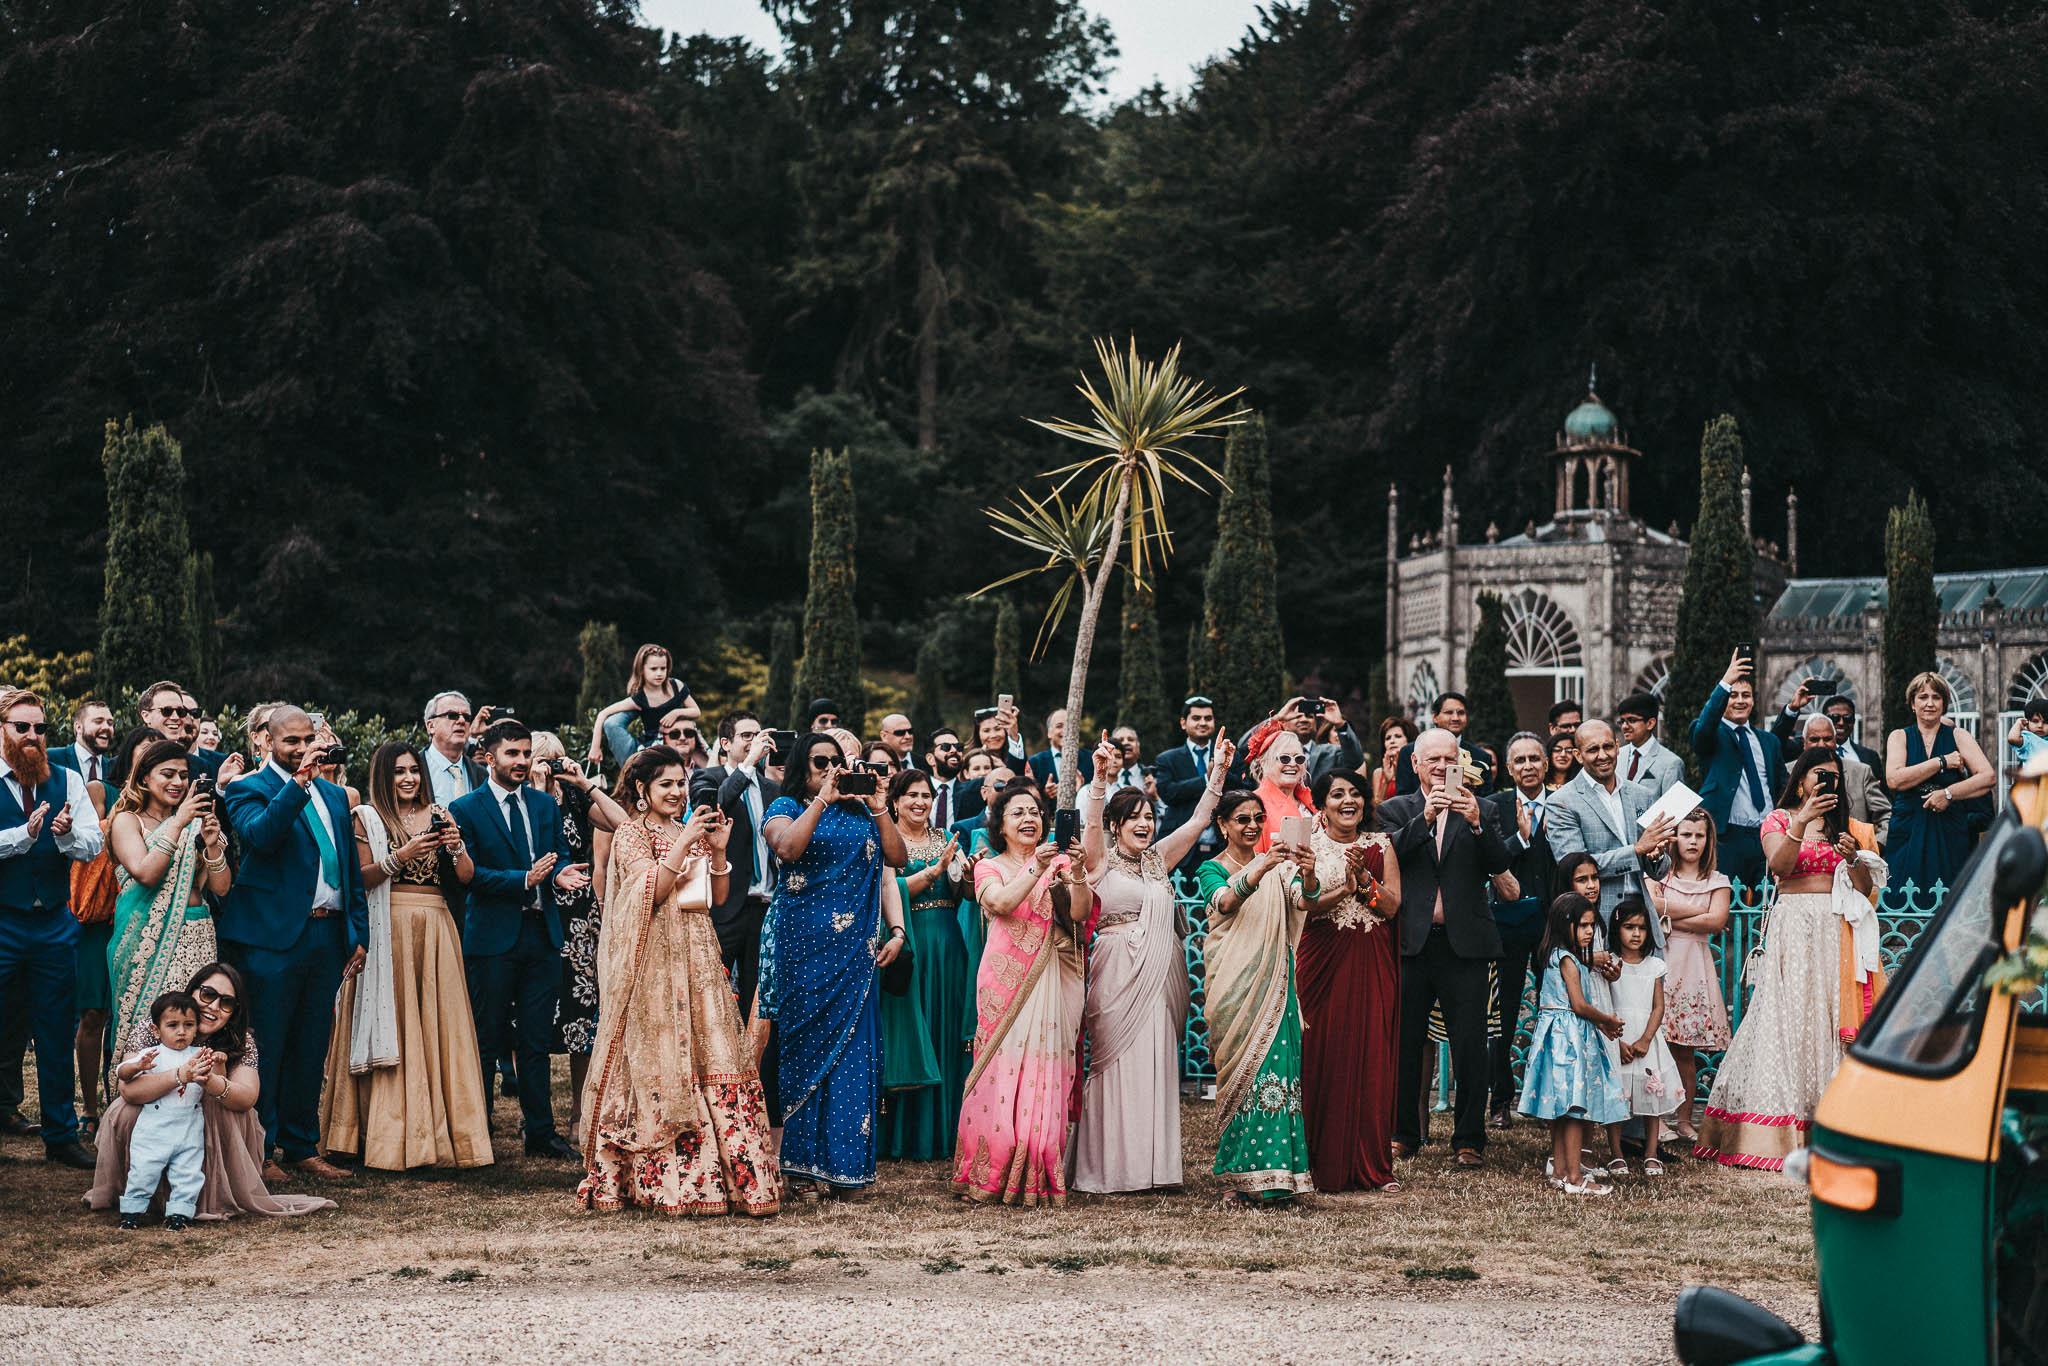 sezincote-wedding-117.jpg